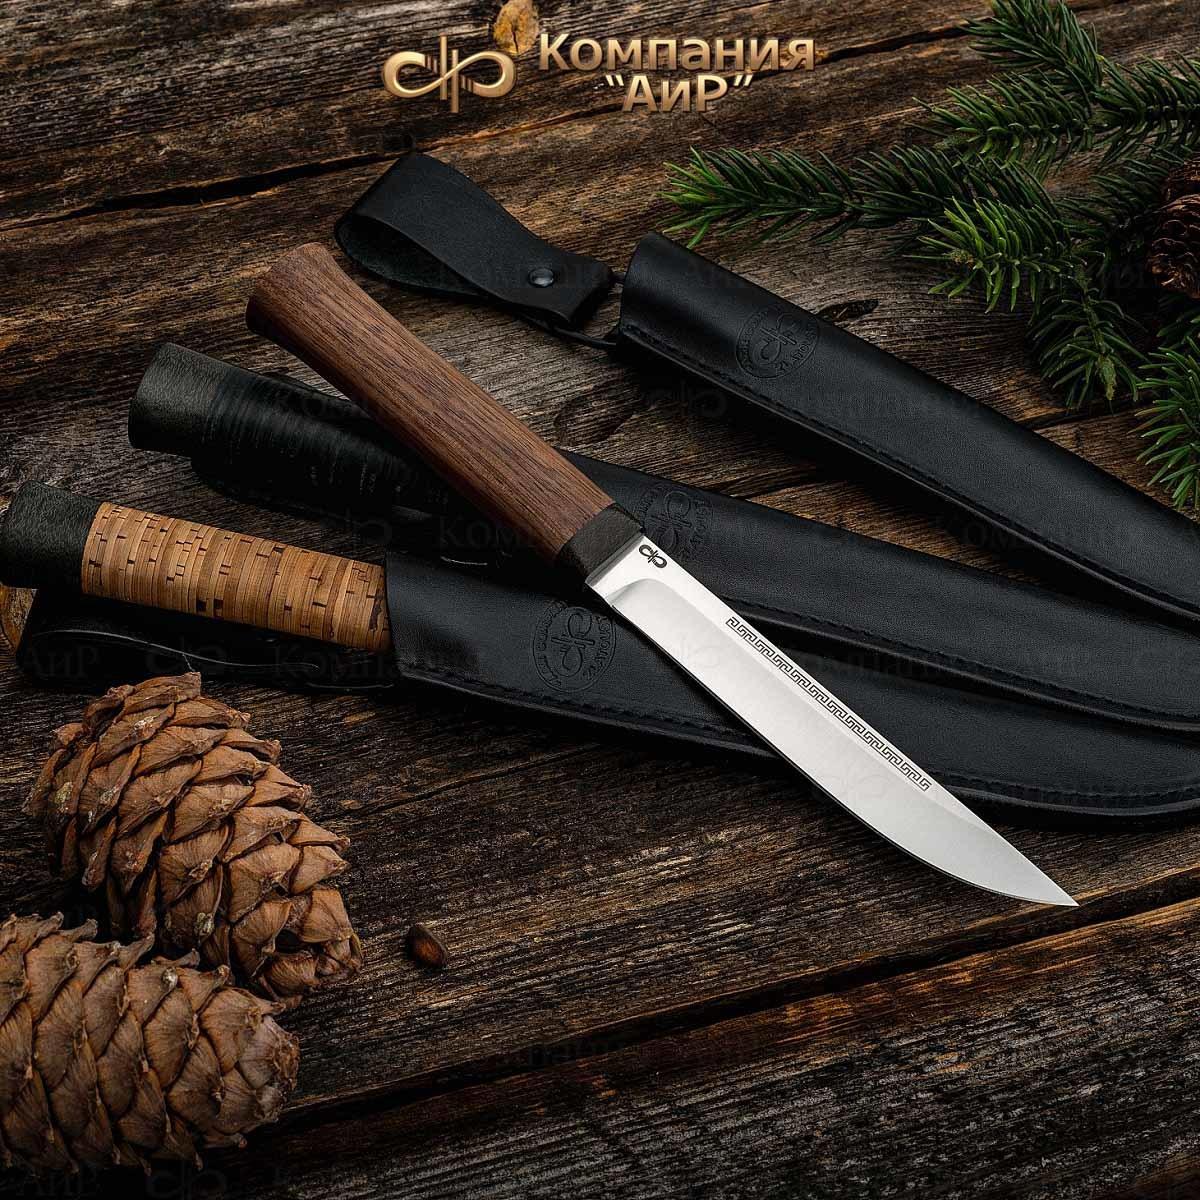 Нож АиР Бурятский малый, сталь 95х18, рукоять дерево цена